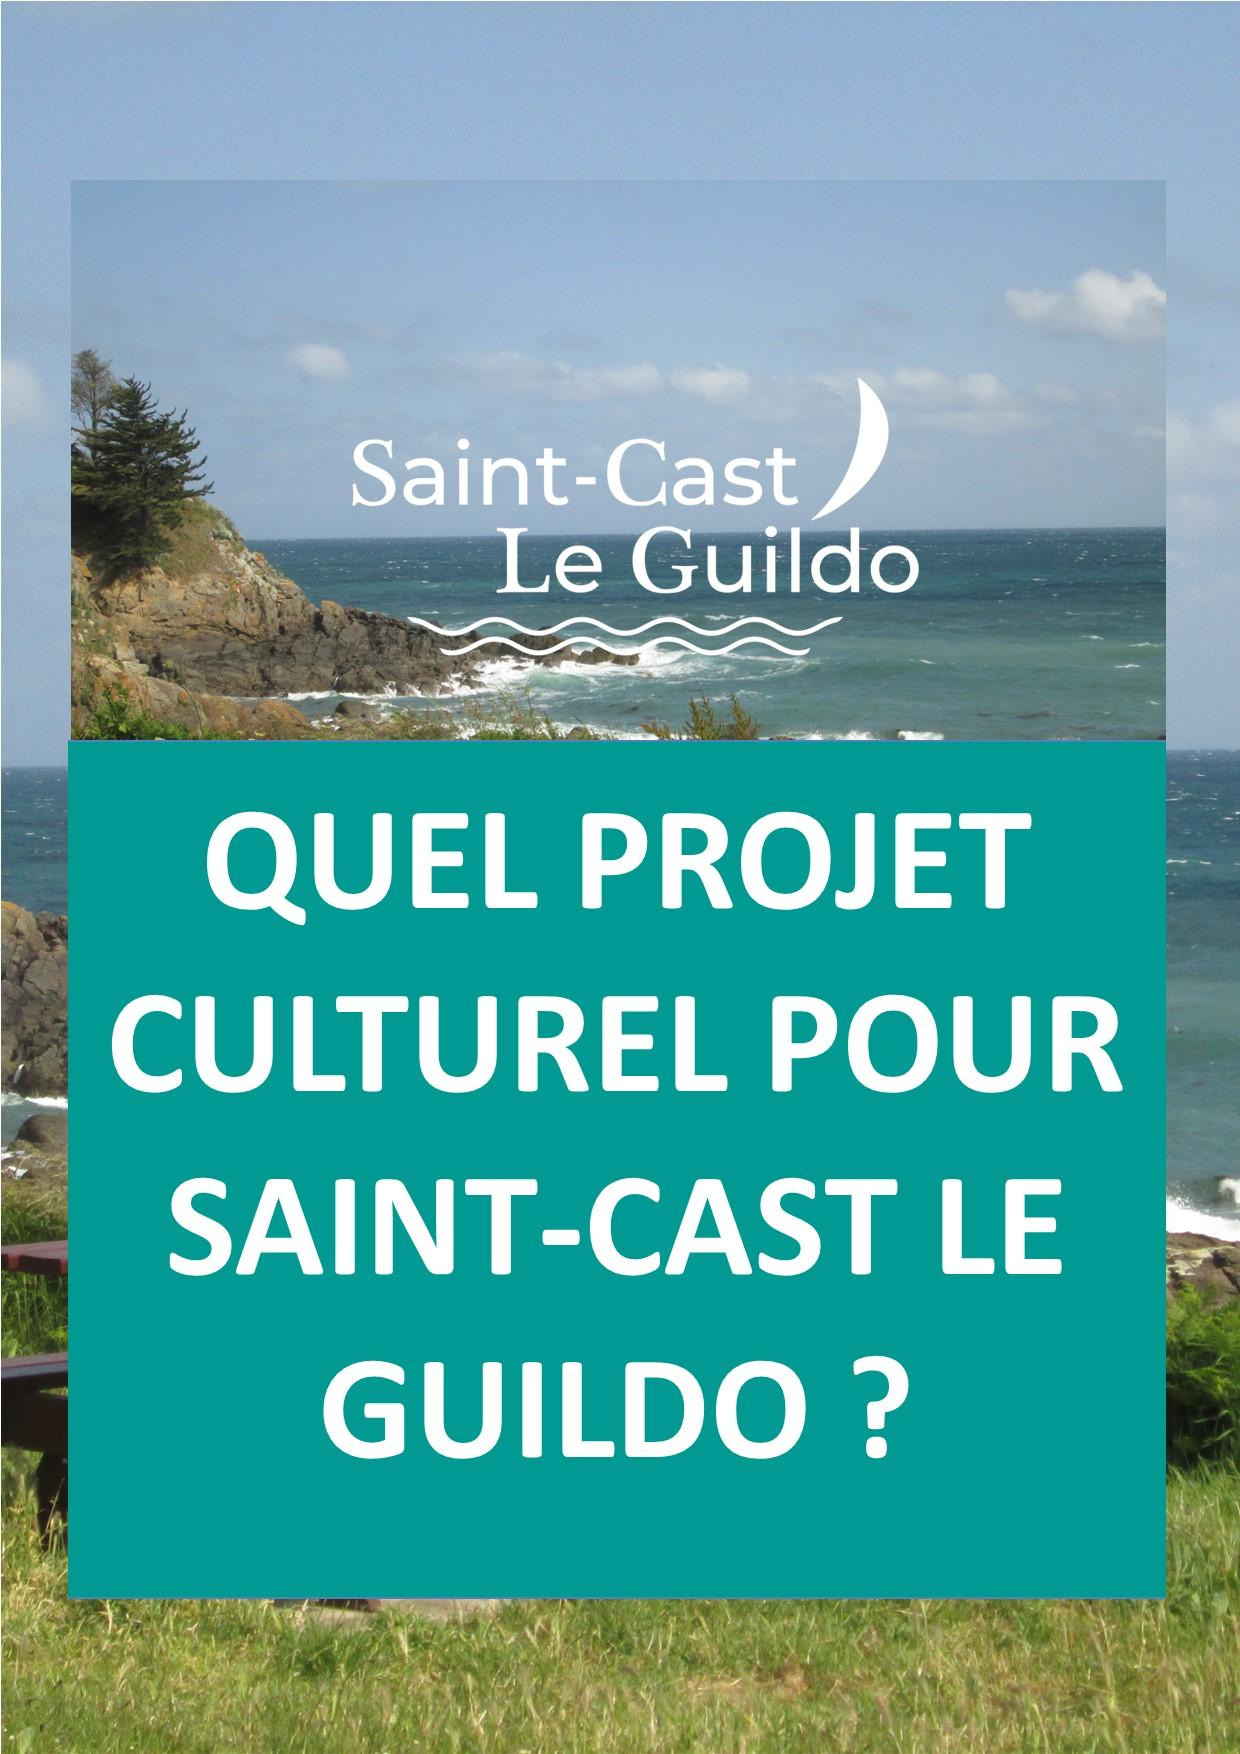 Quel projet culturel pour Saint-Cast Le Guildo ?